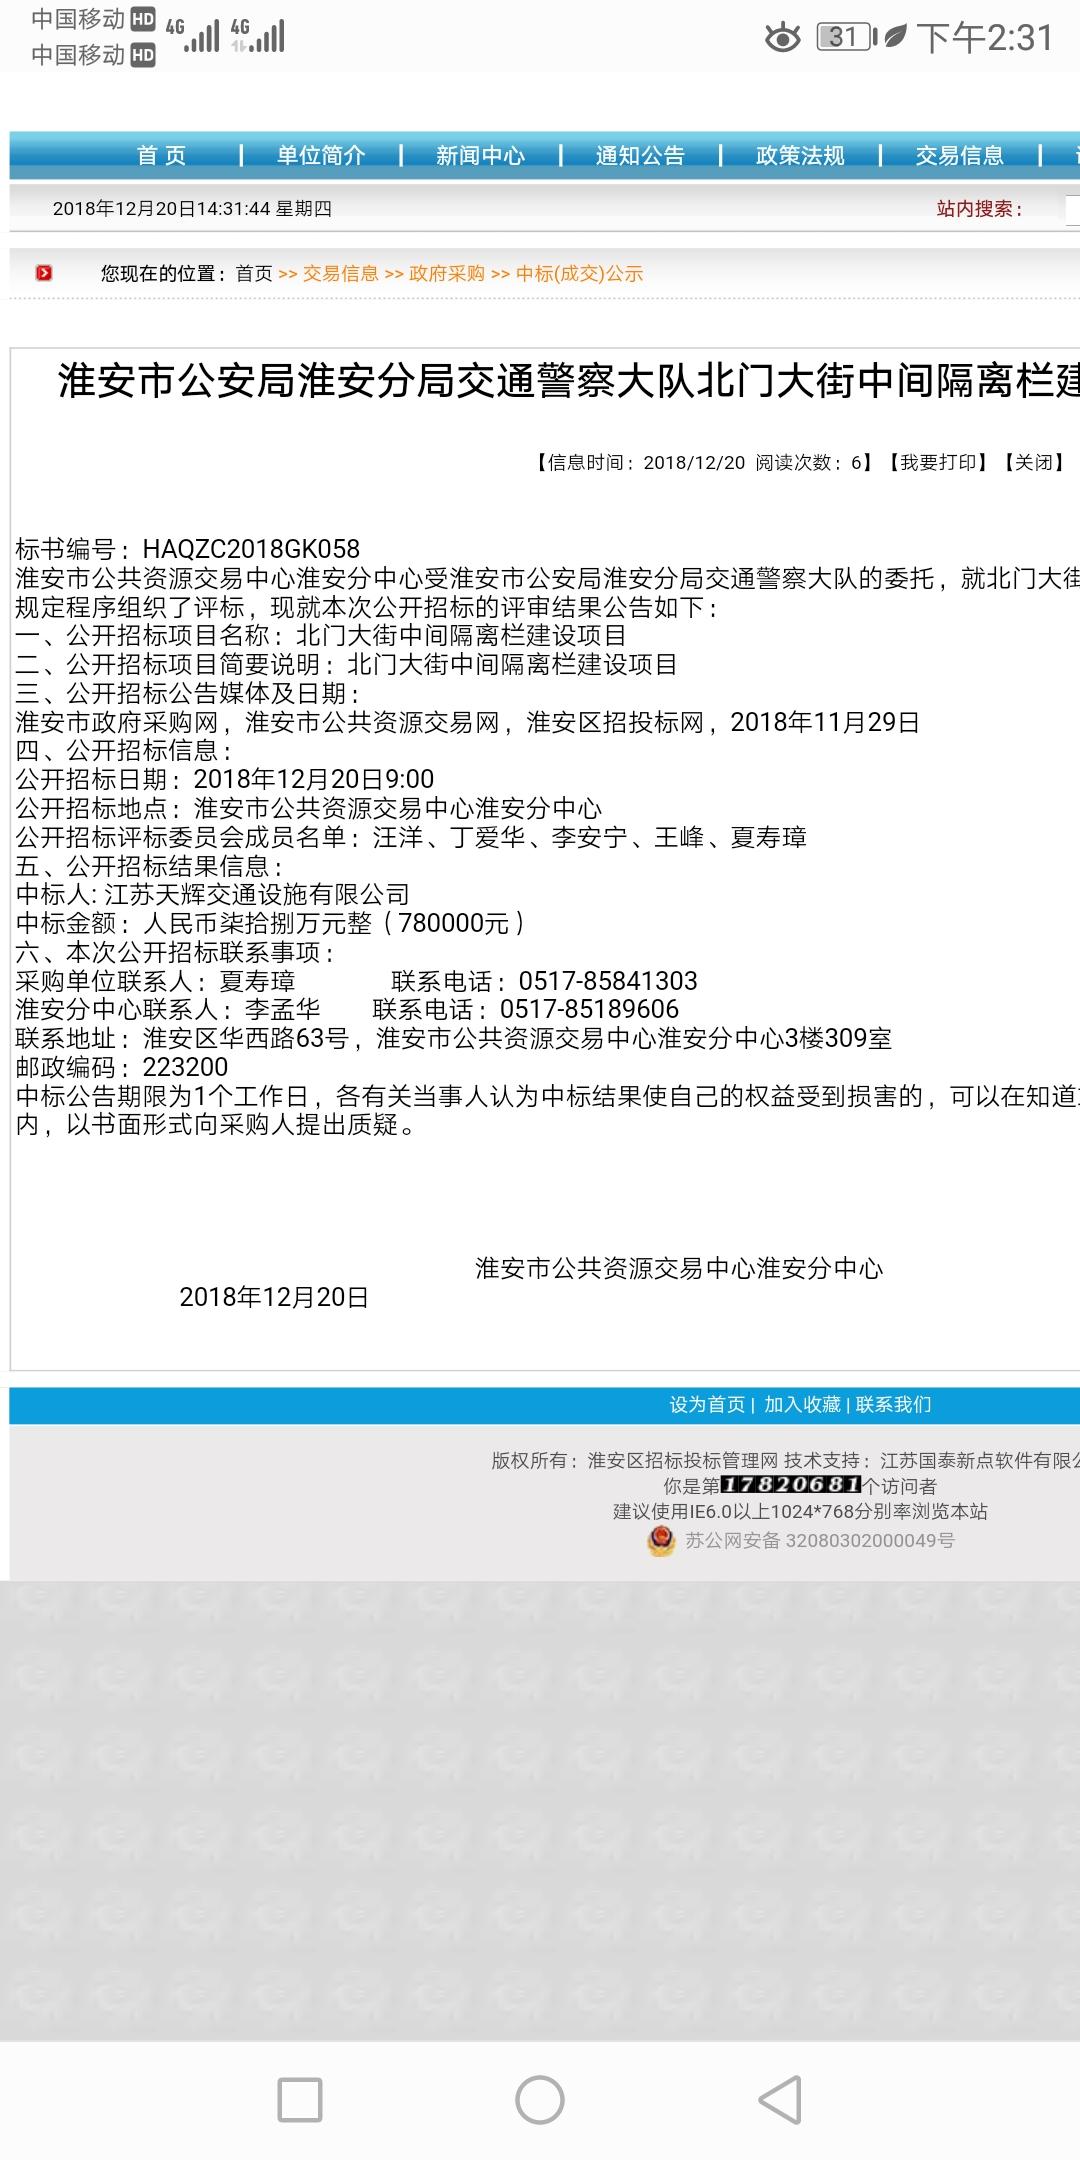 江苏天辉中标淮安北门大街隔离护栏建设项目